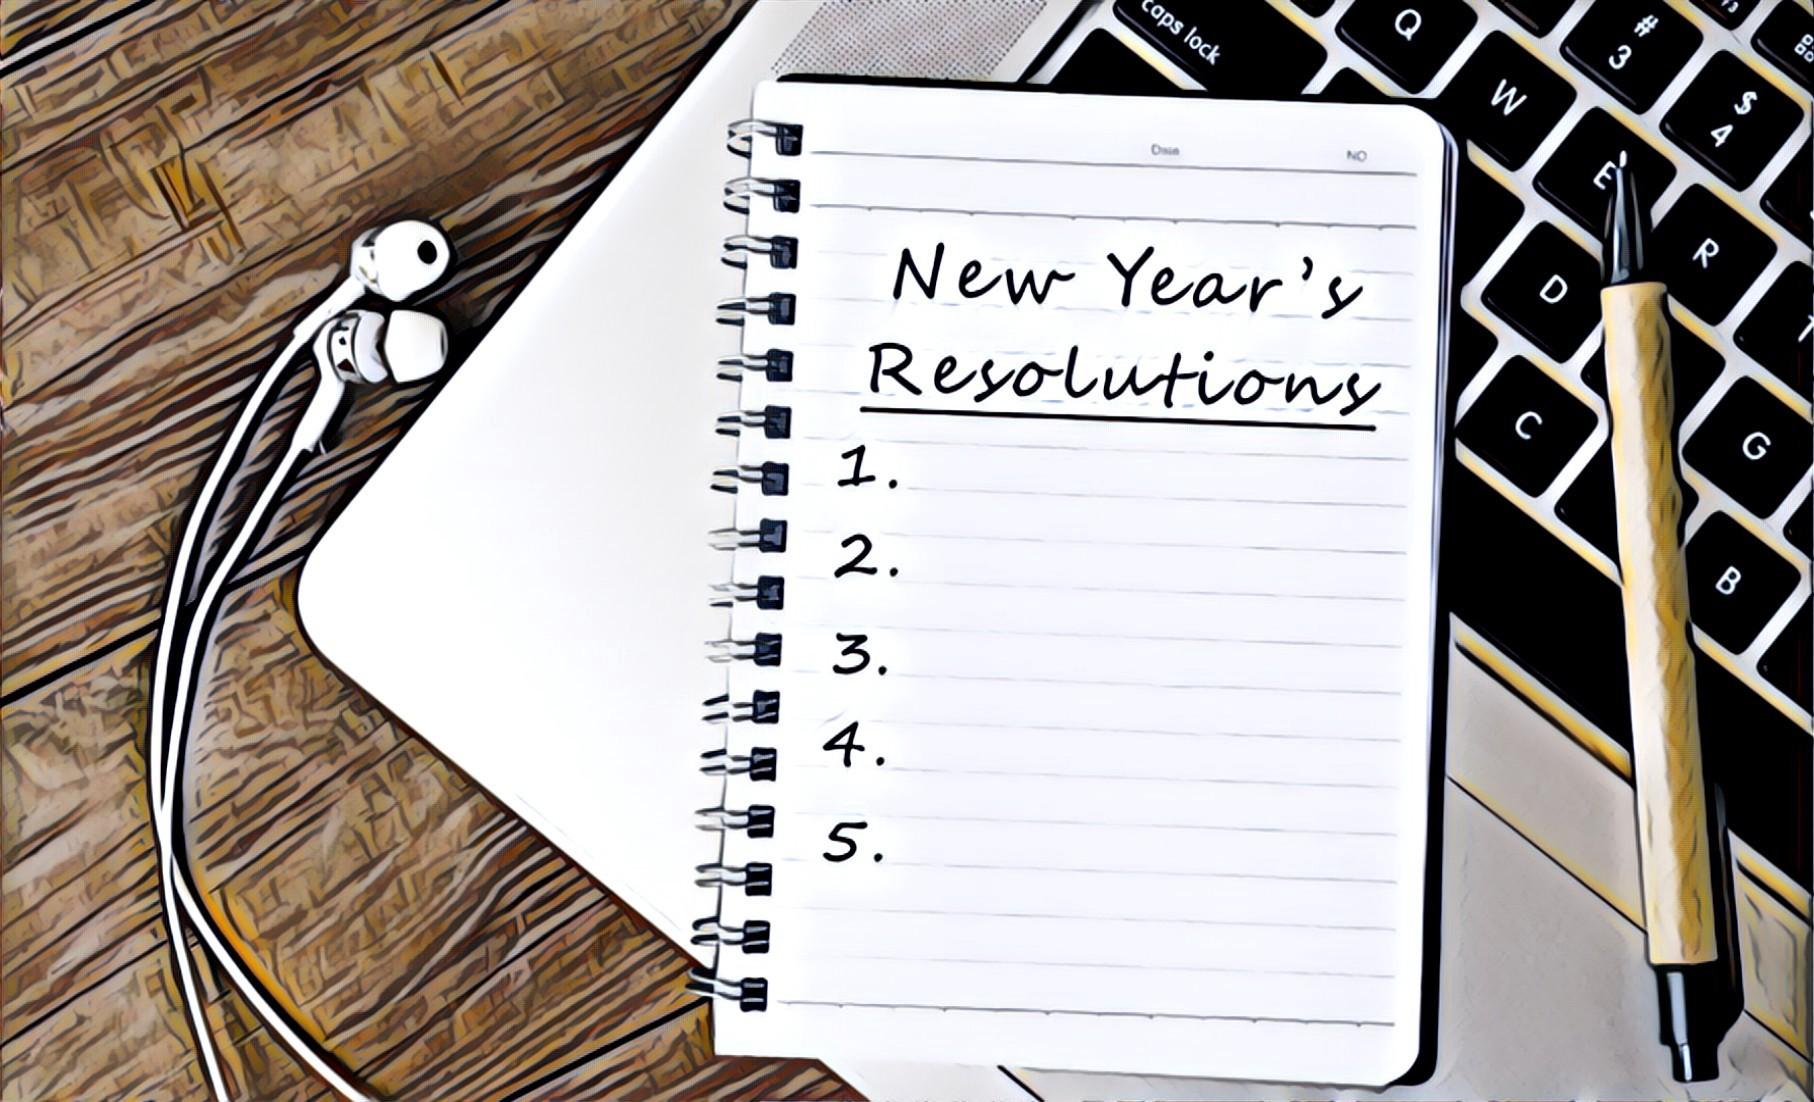 چگونه برای سال جدید برنامه ریزی صحیحی داشته باشیم؟